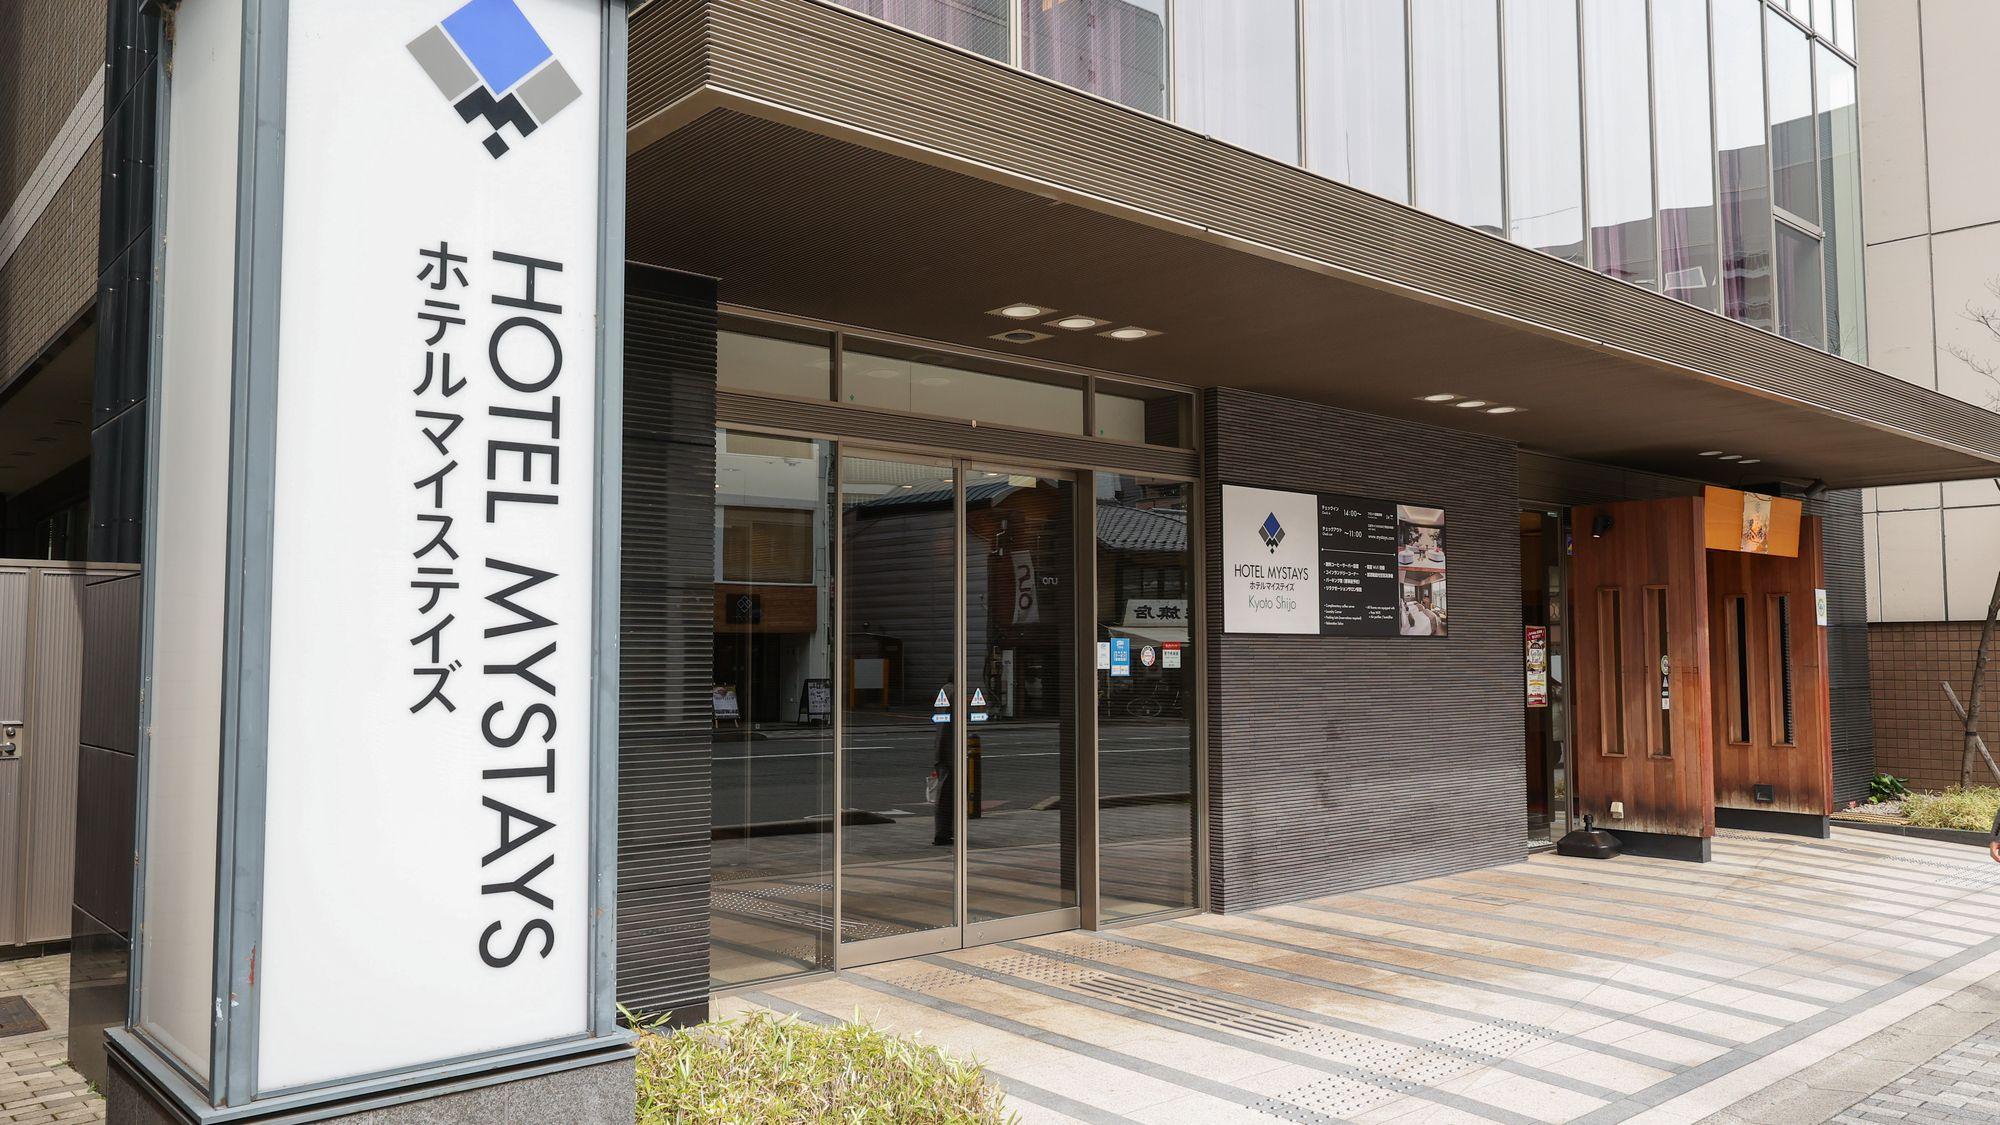 ホテル マイステイズ 京都四条◆楽天トラベル